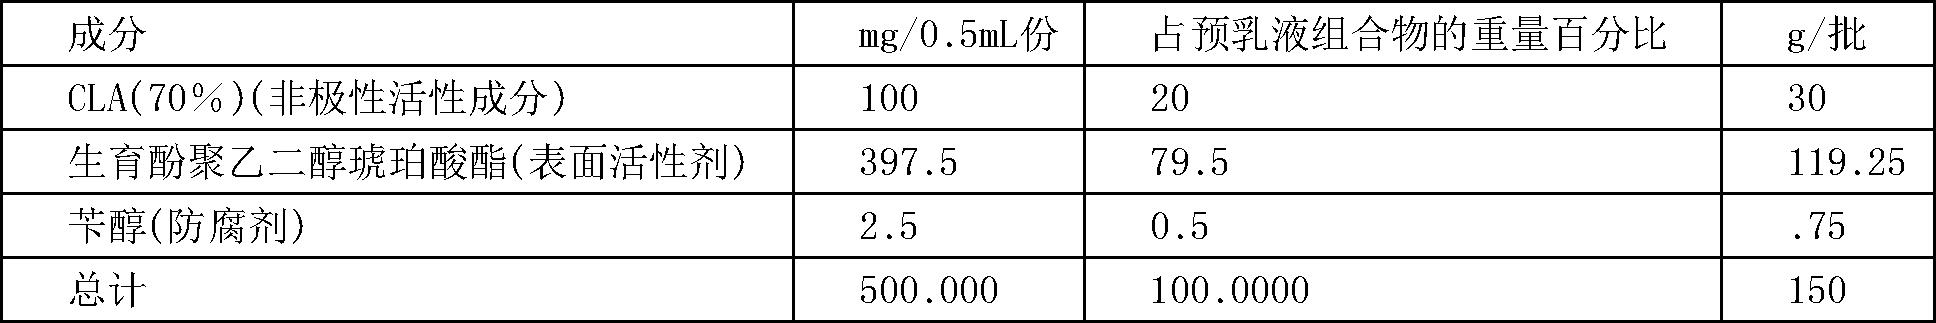 Figure CN102036661BD00884